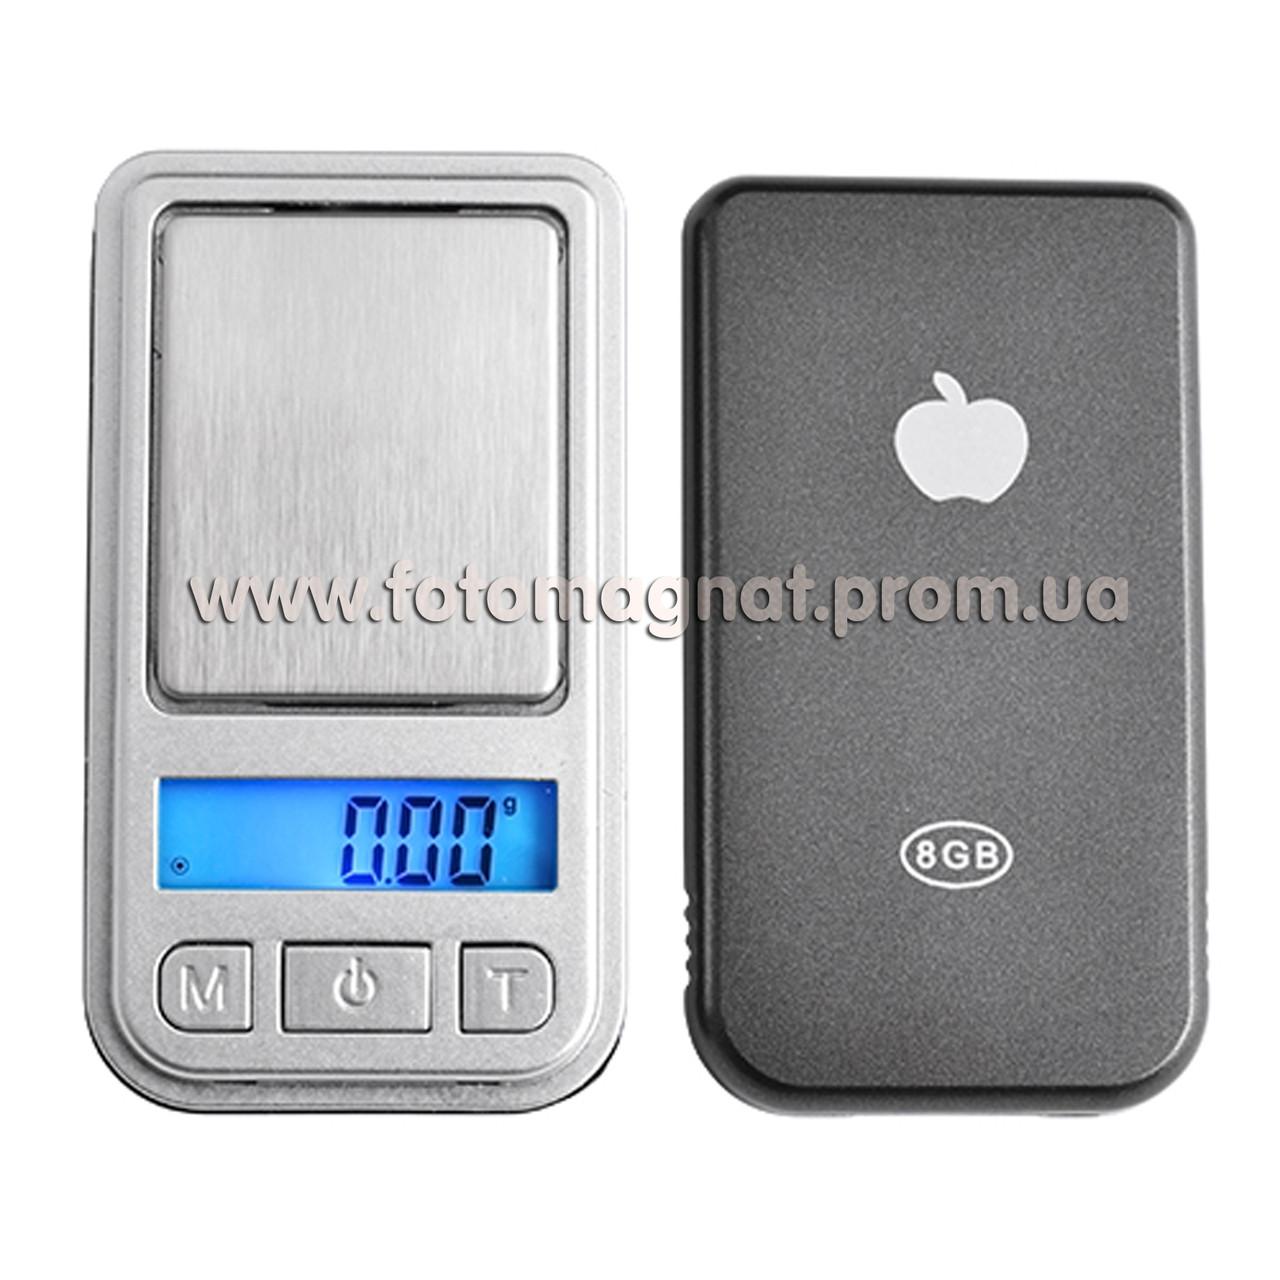 Весы ювелирные 6202-PA/INI SCALE/200г 0,01  (карманные весы)